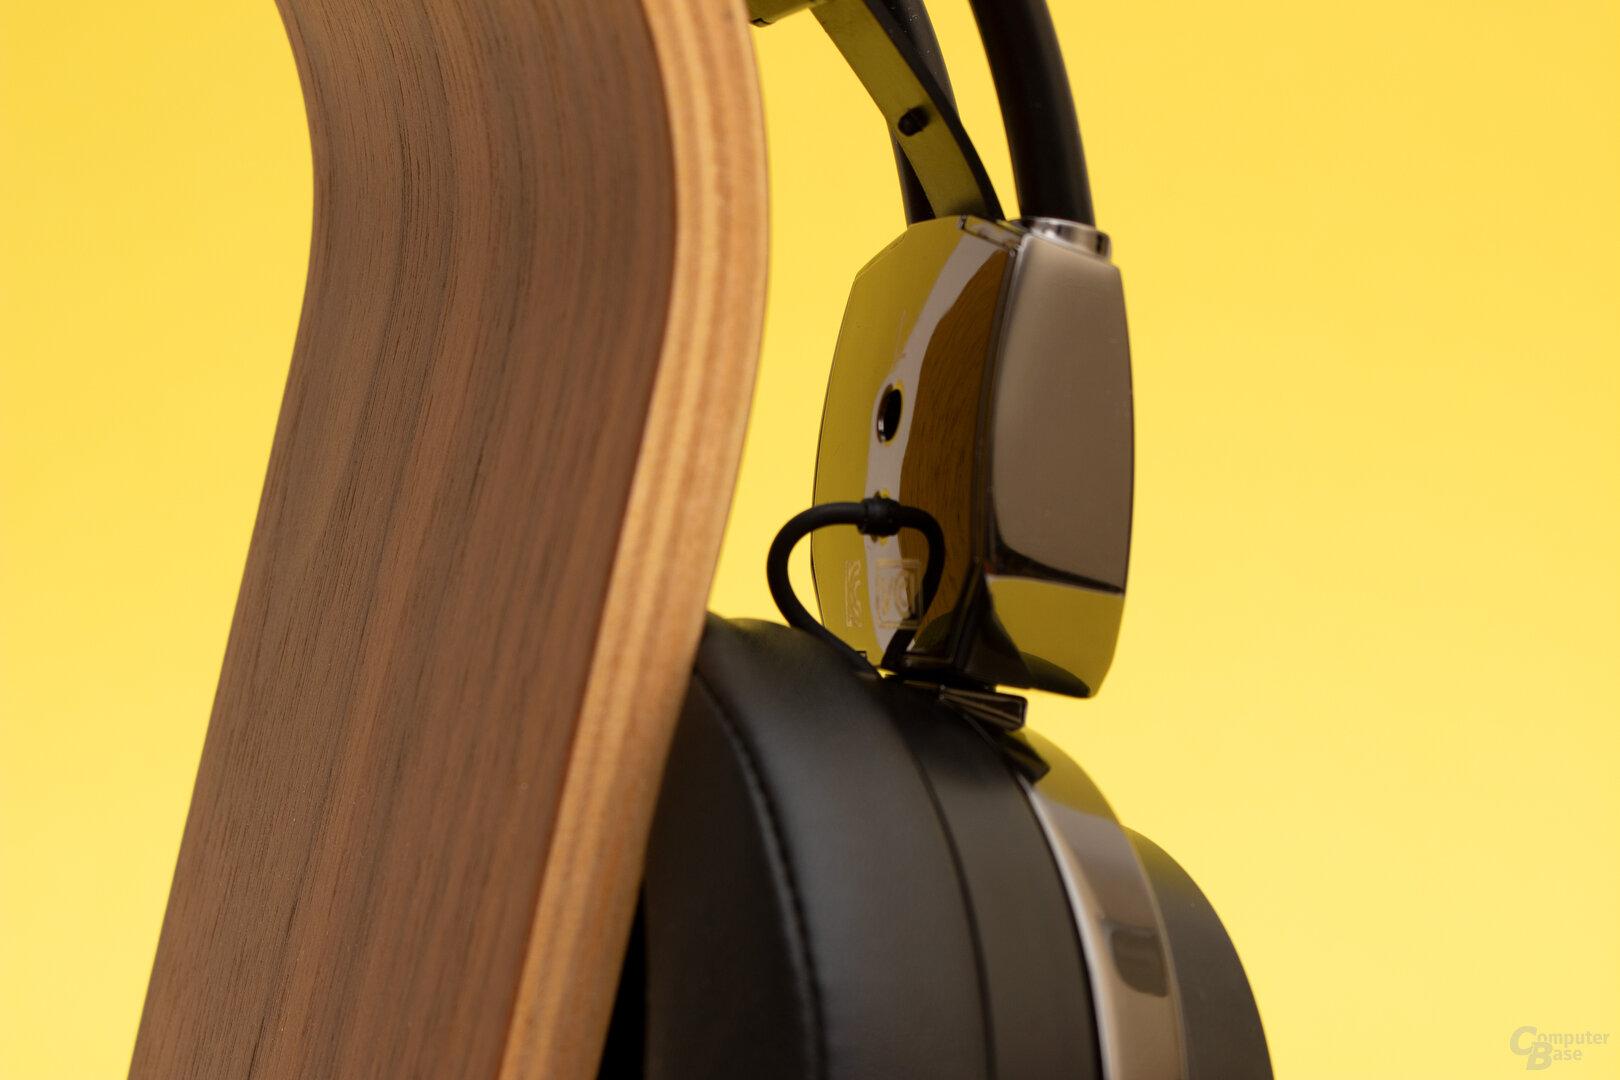 Platz genug wäre vorhanden gewesen, um die Kabel im Inneren des Headsets zu führen